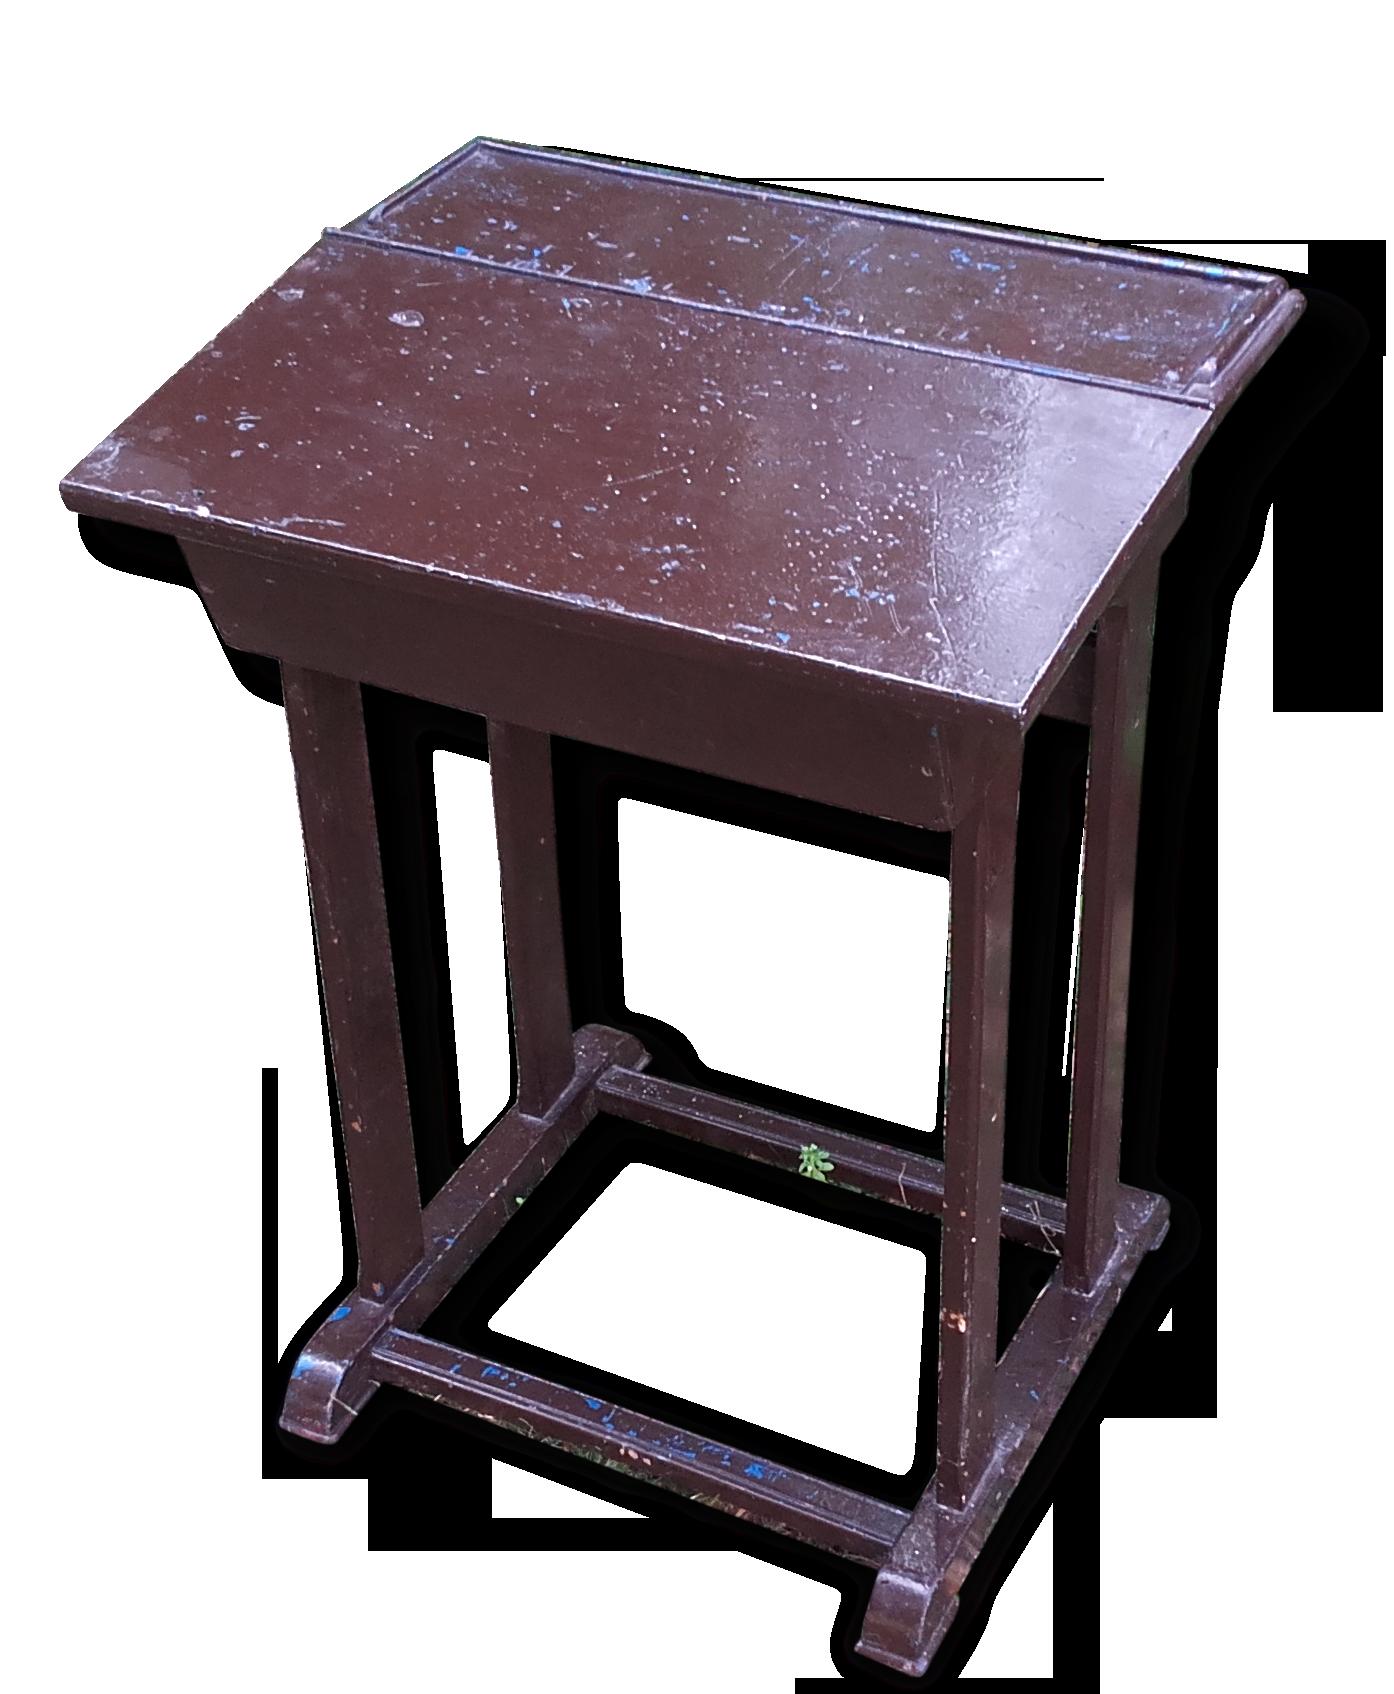 Bureau pupitre bois peint bois matériau marron vintage